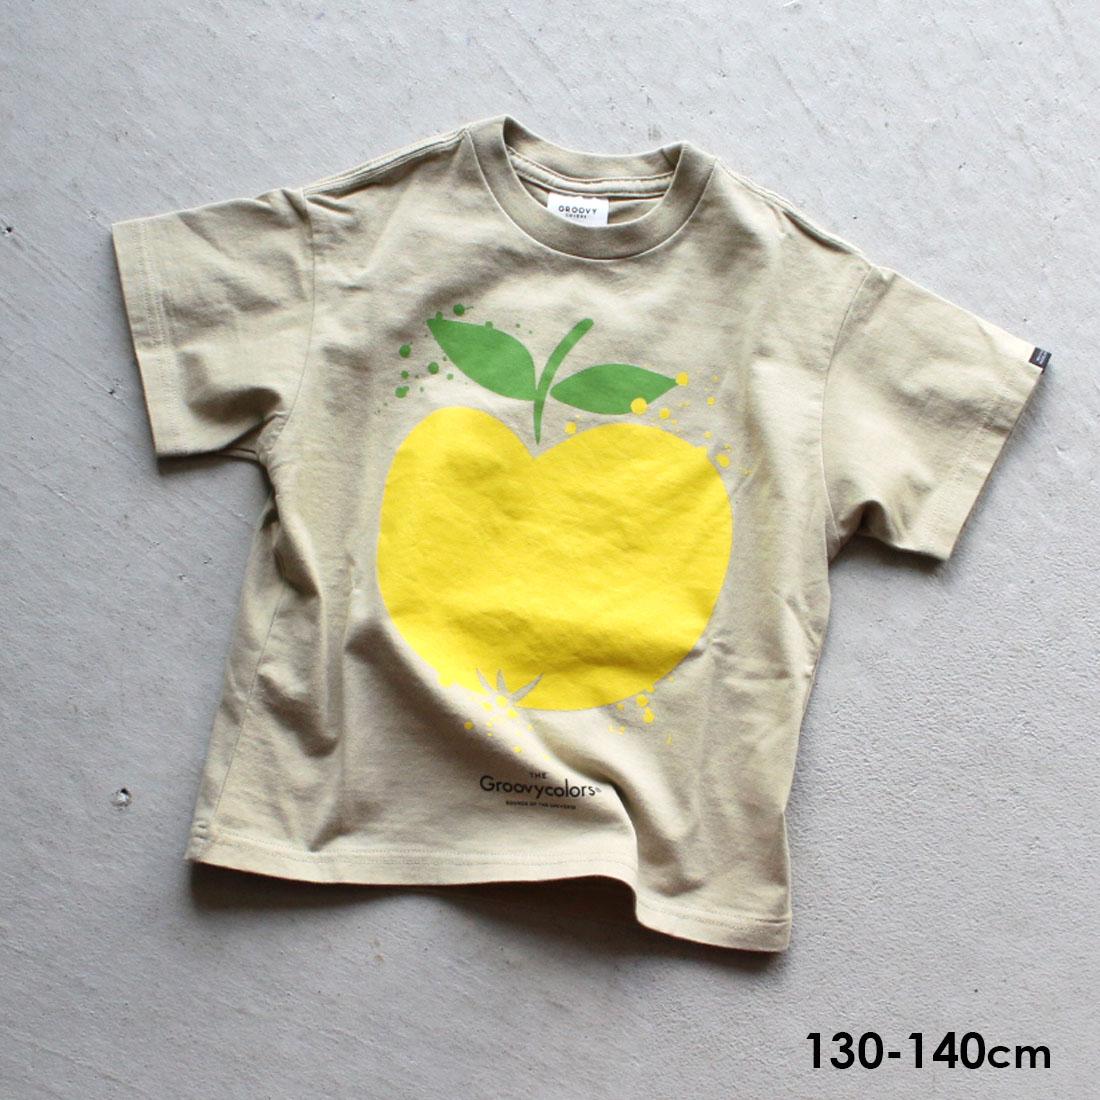 グルービーカラーズ GROOVY COLORS GROOVY DRIP APPLE BIG TEE(130cm 140cm)半袖 Tシャツ【メール便可】1612409